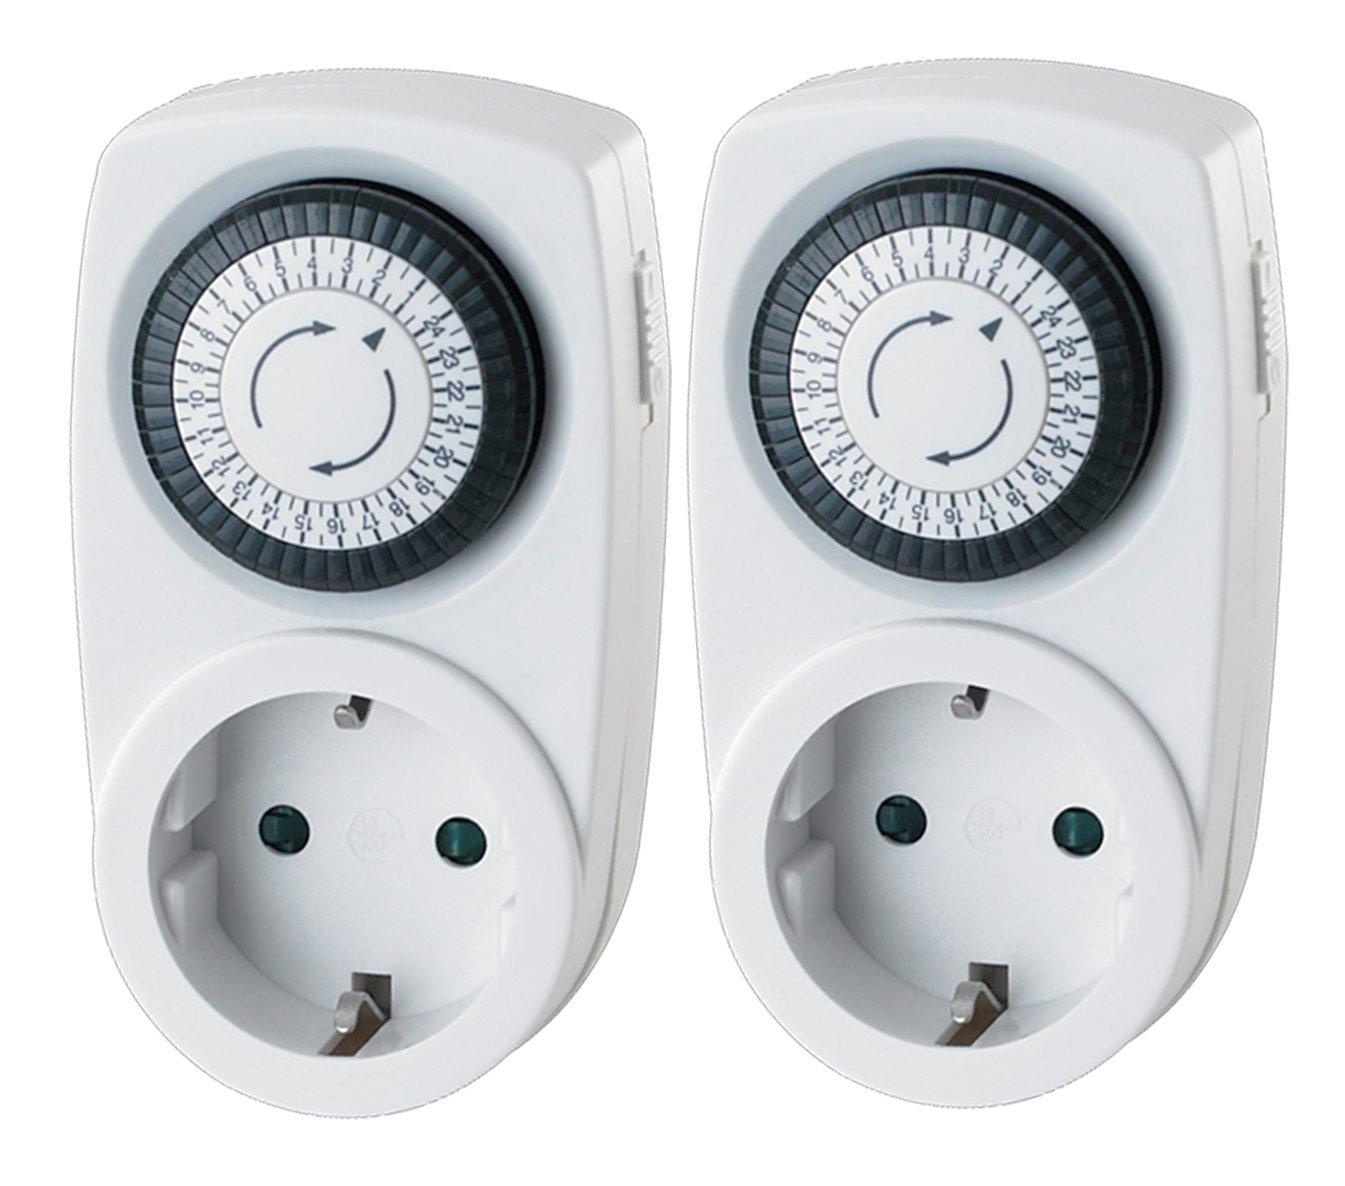 Garza 400604 Temporizador Analógico Mini, Blanco (Set De 2) : Amazon.es: Bricolaje y herramientas